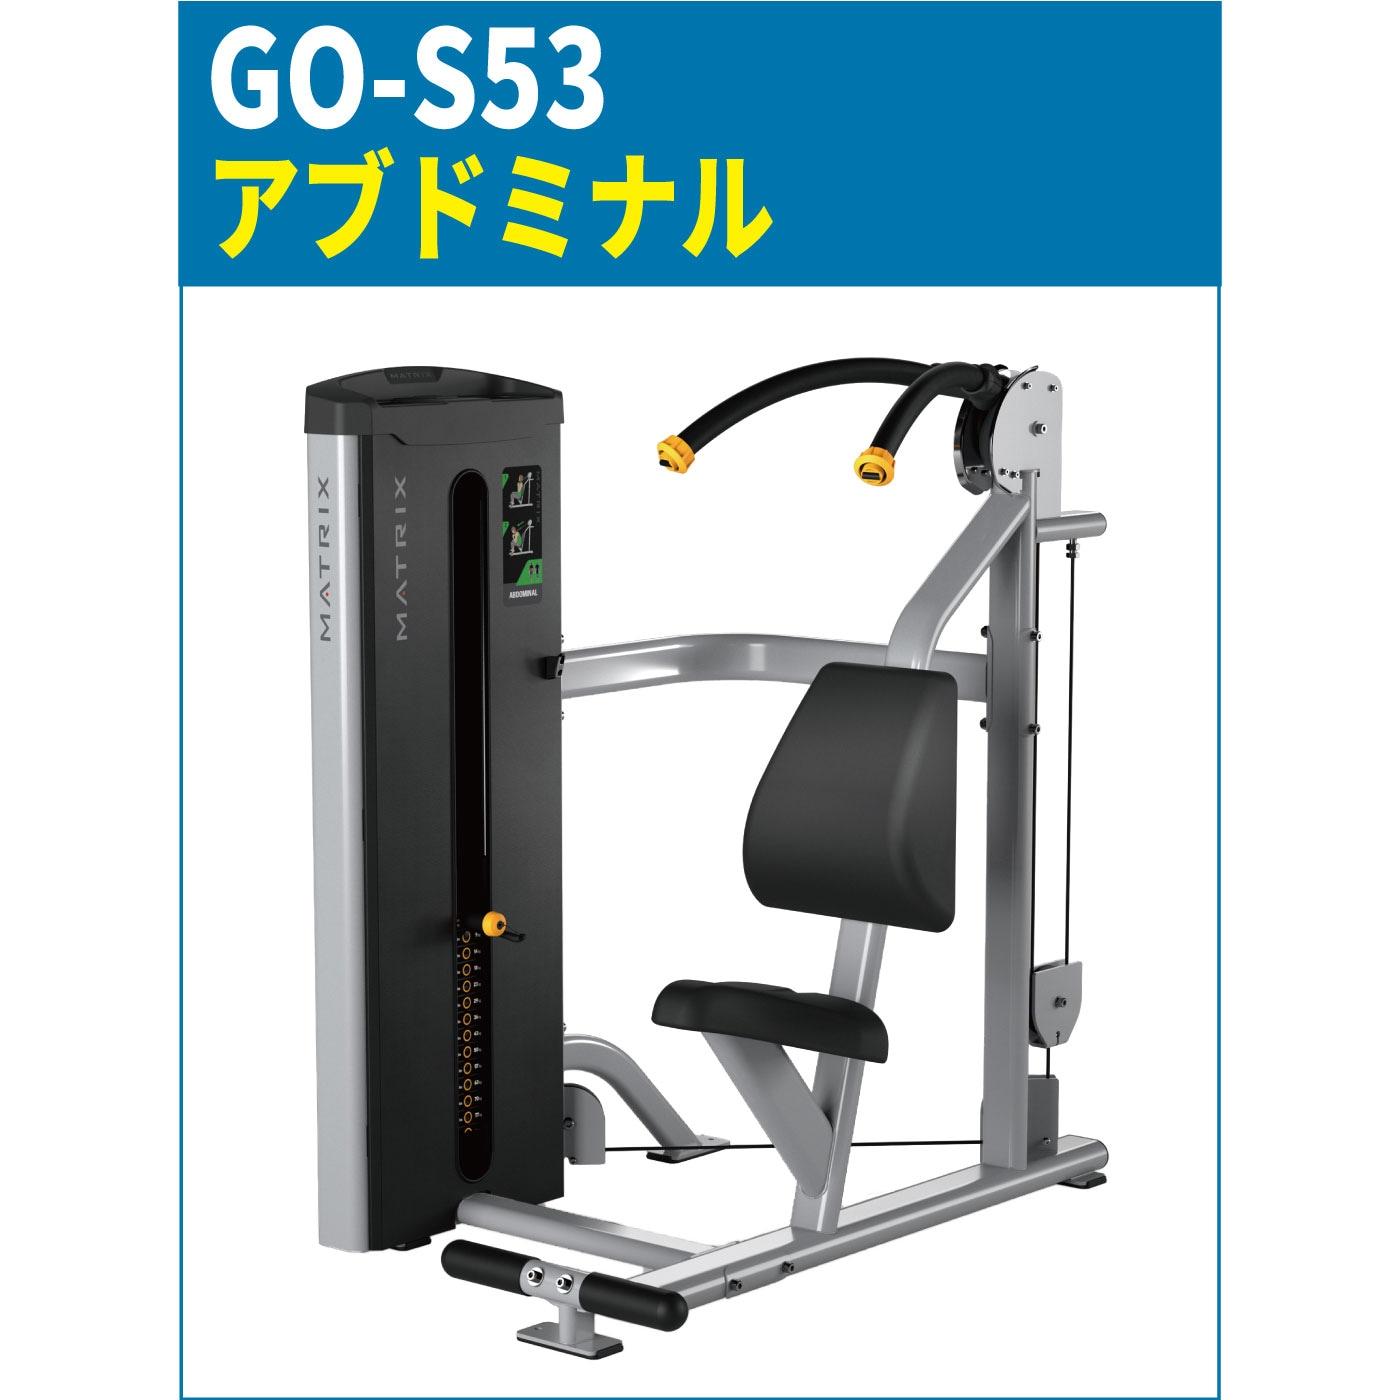 GO-S53のアブドミナル